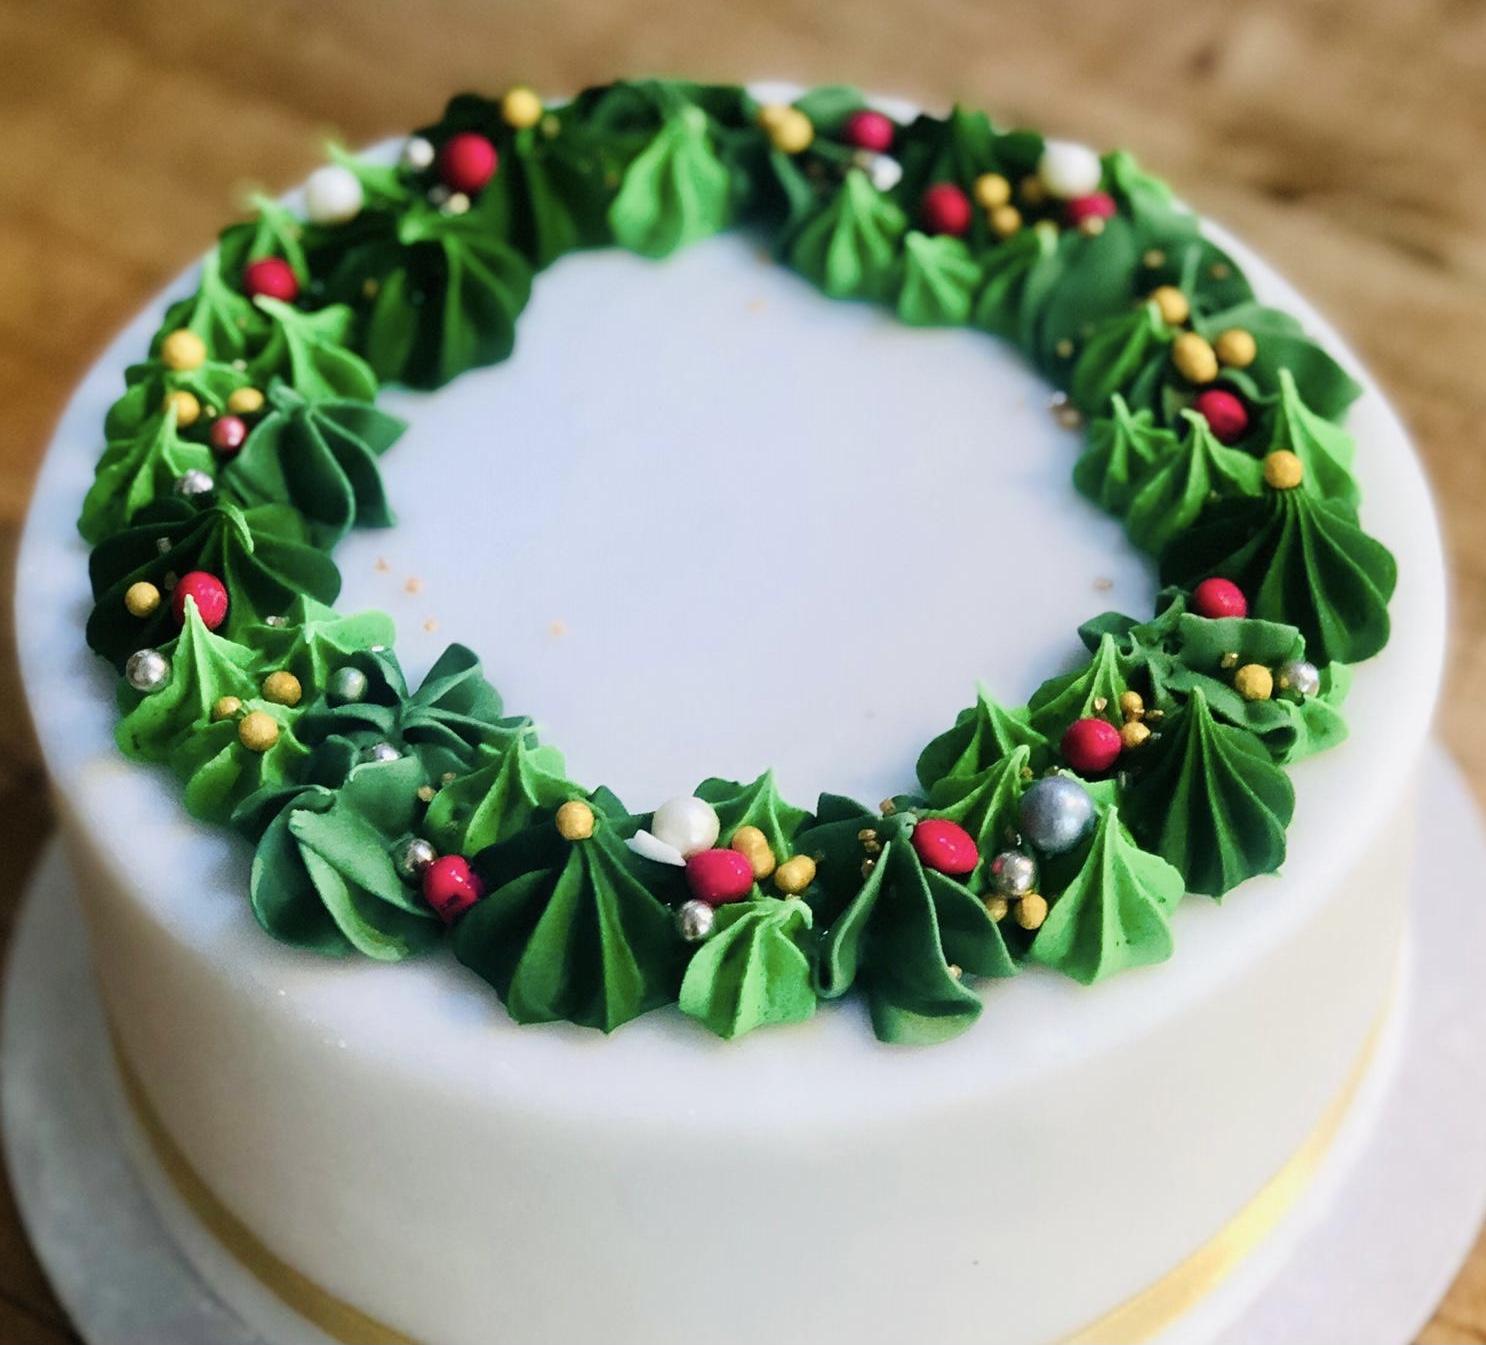 papadeli Christmas cake